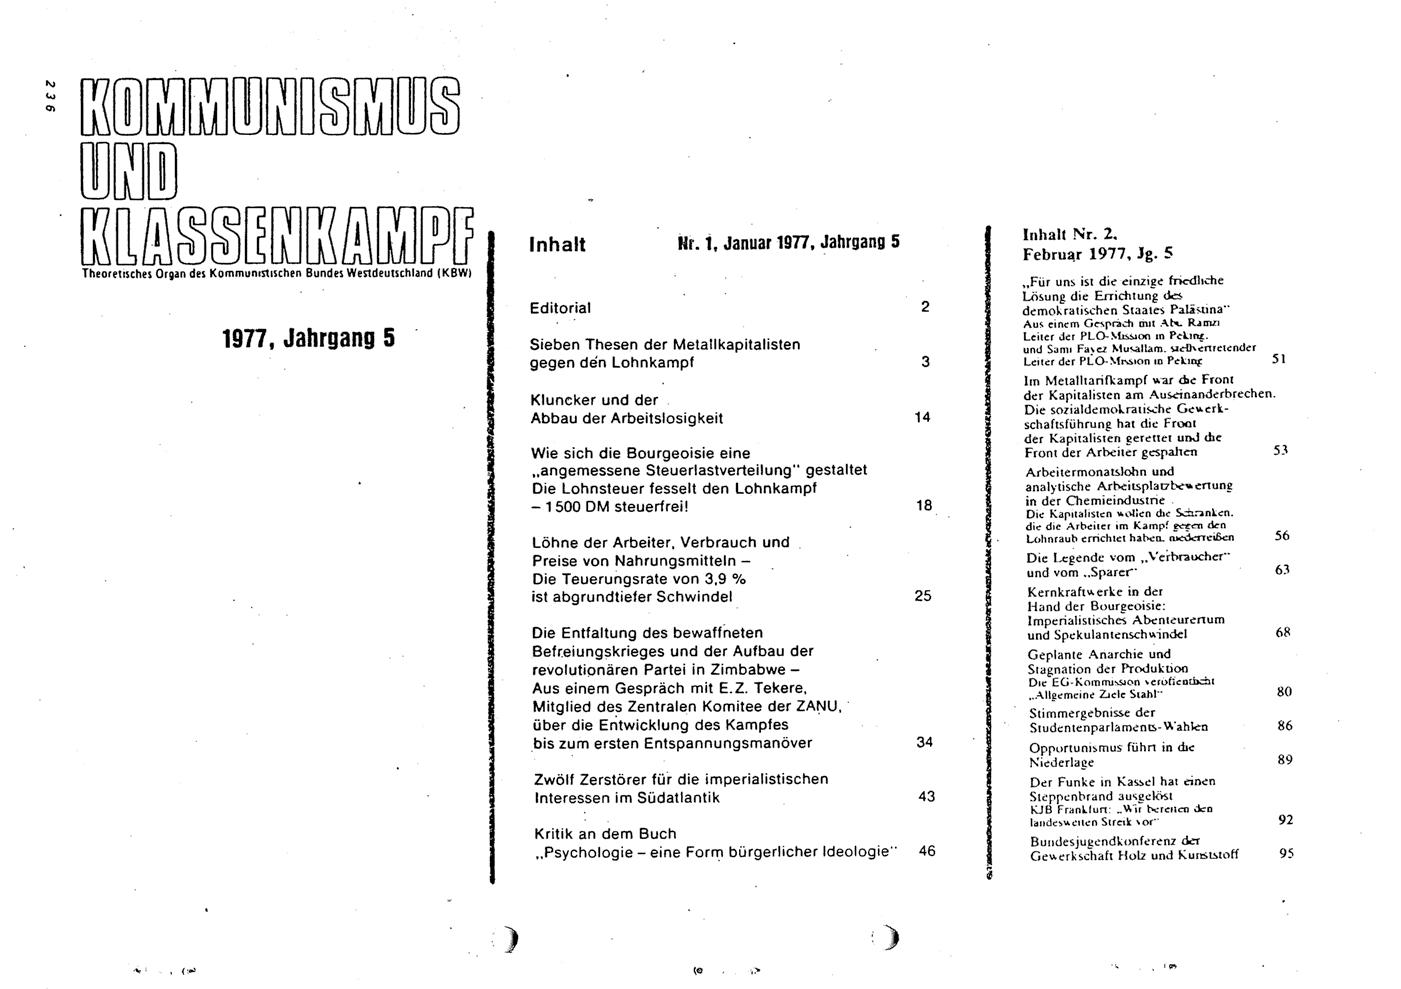 KABRW_Arbeitshefte_1978_31_116